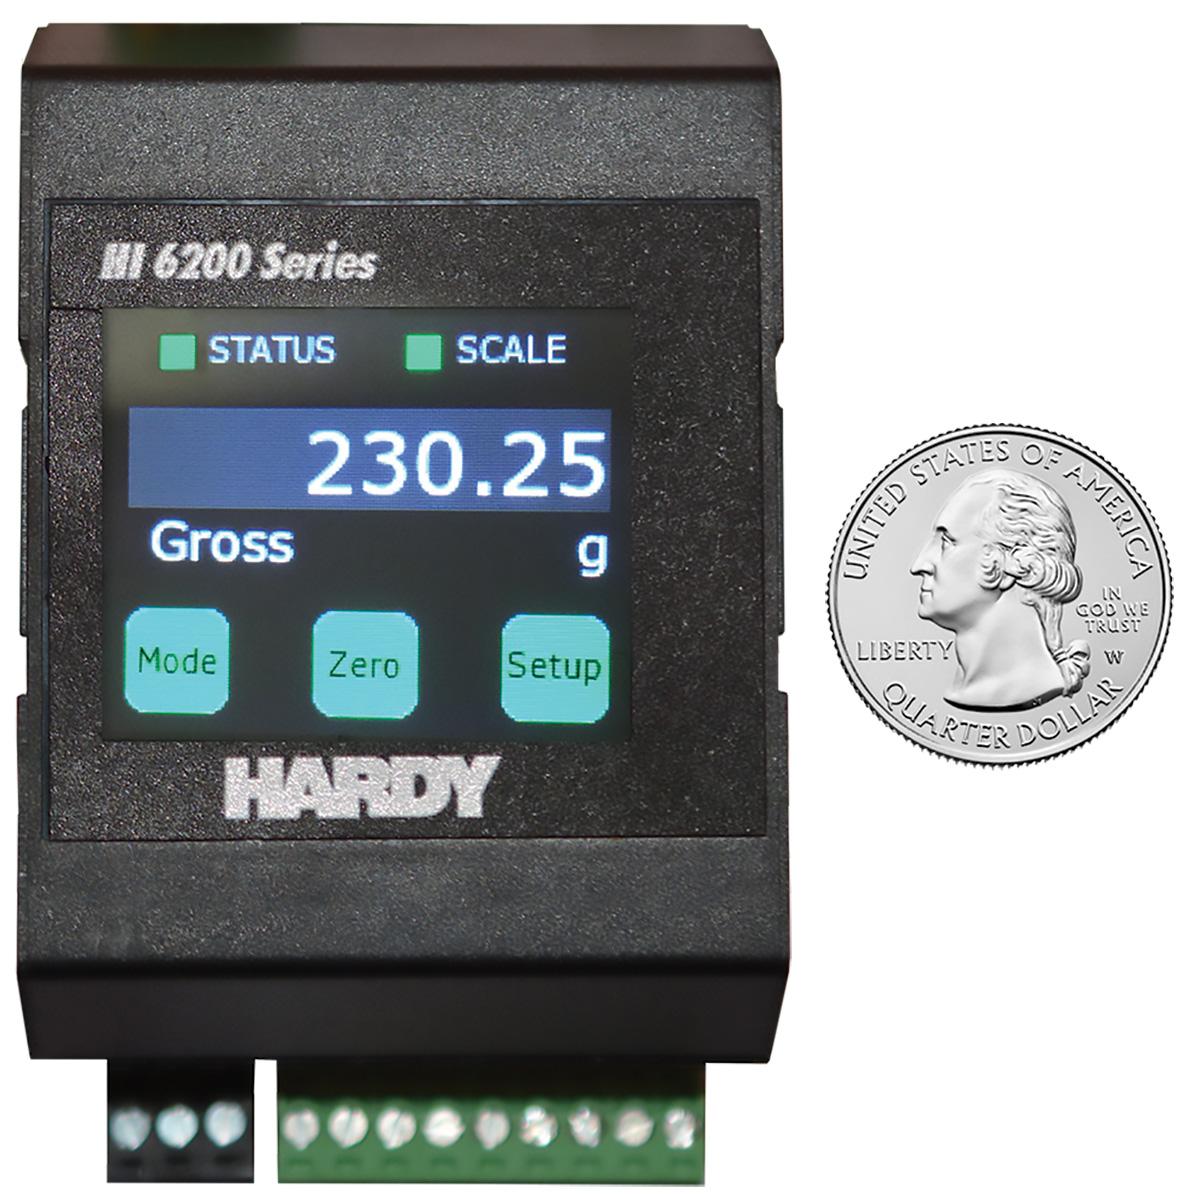 HI 6200 EIP